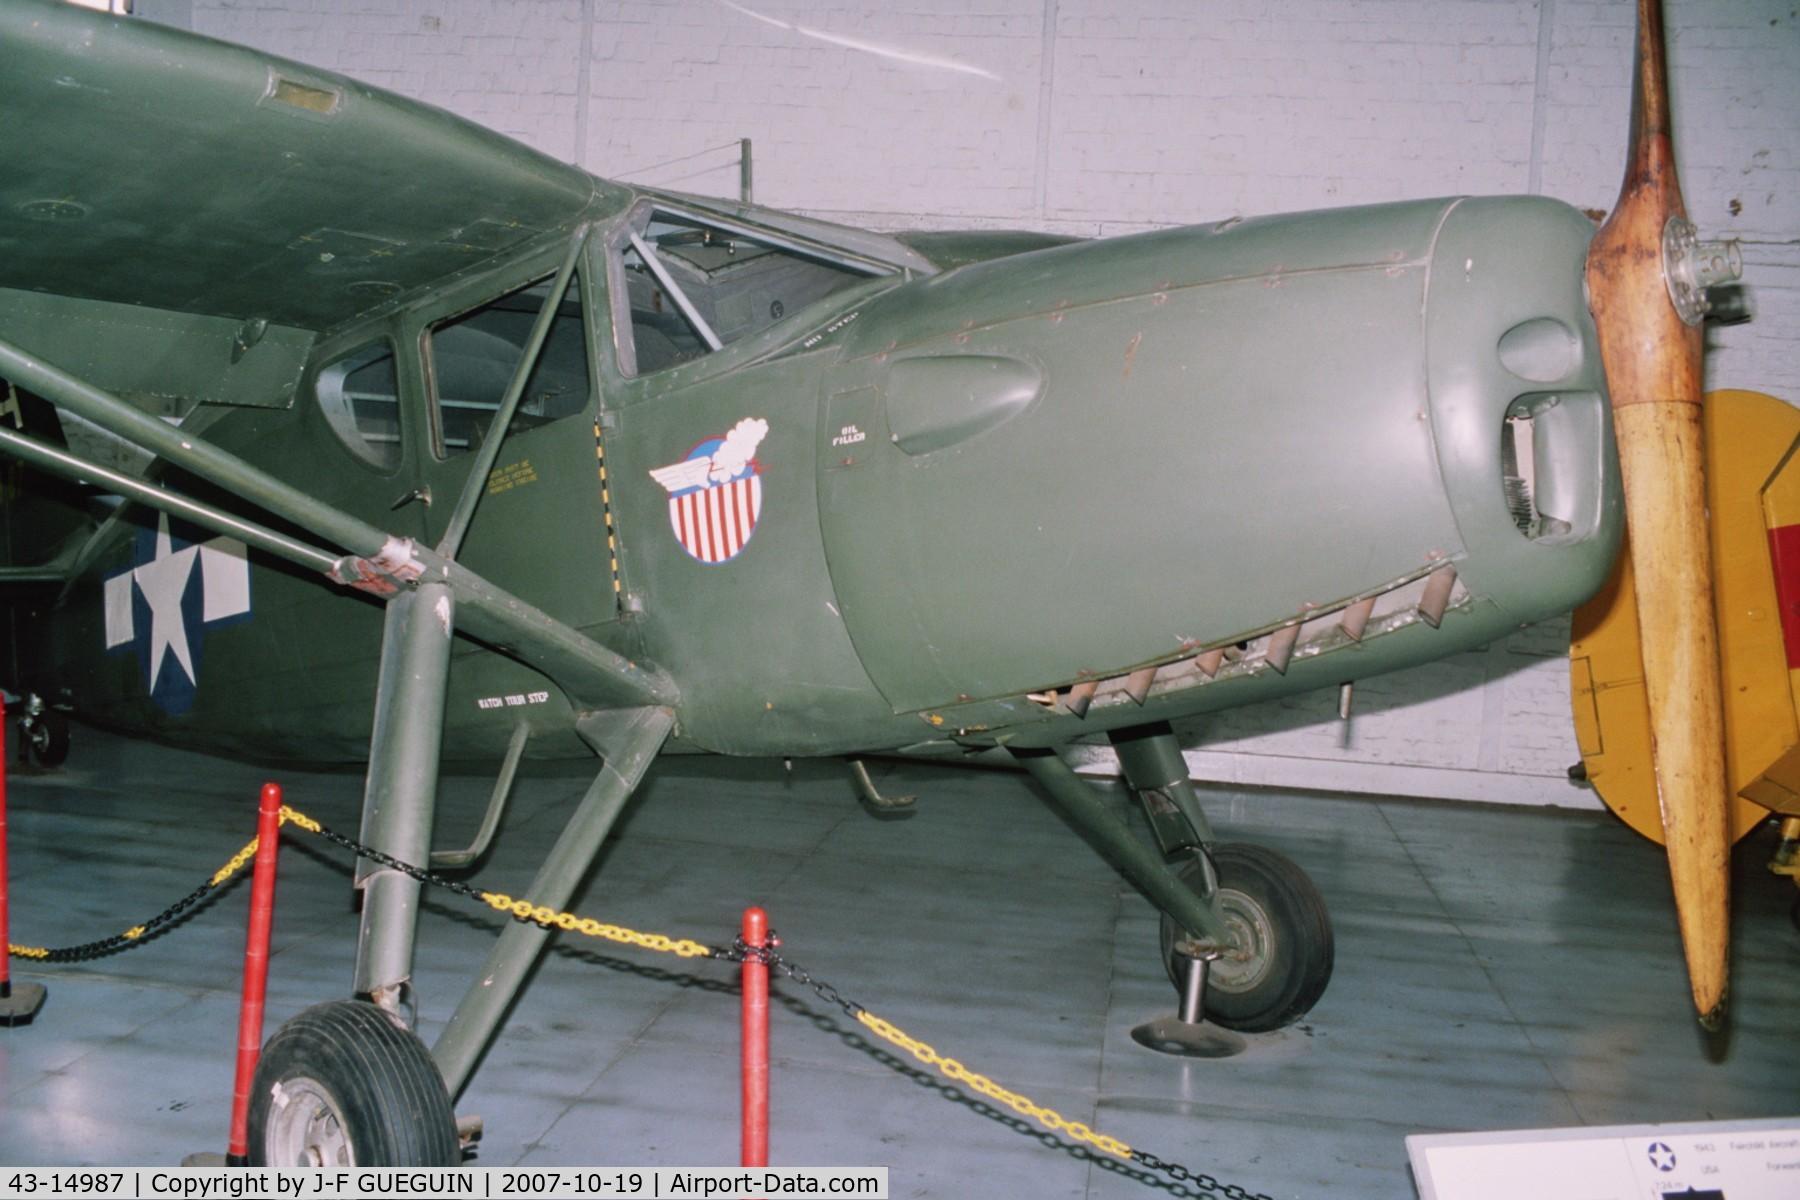 43-14987, Fairchild UC-61K Argus III (24R-46A) C/N 951, ex-OE-LUT preserved in belgian Musée Royal de l'Armée.